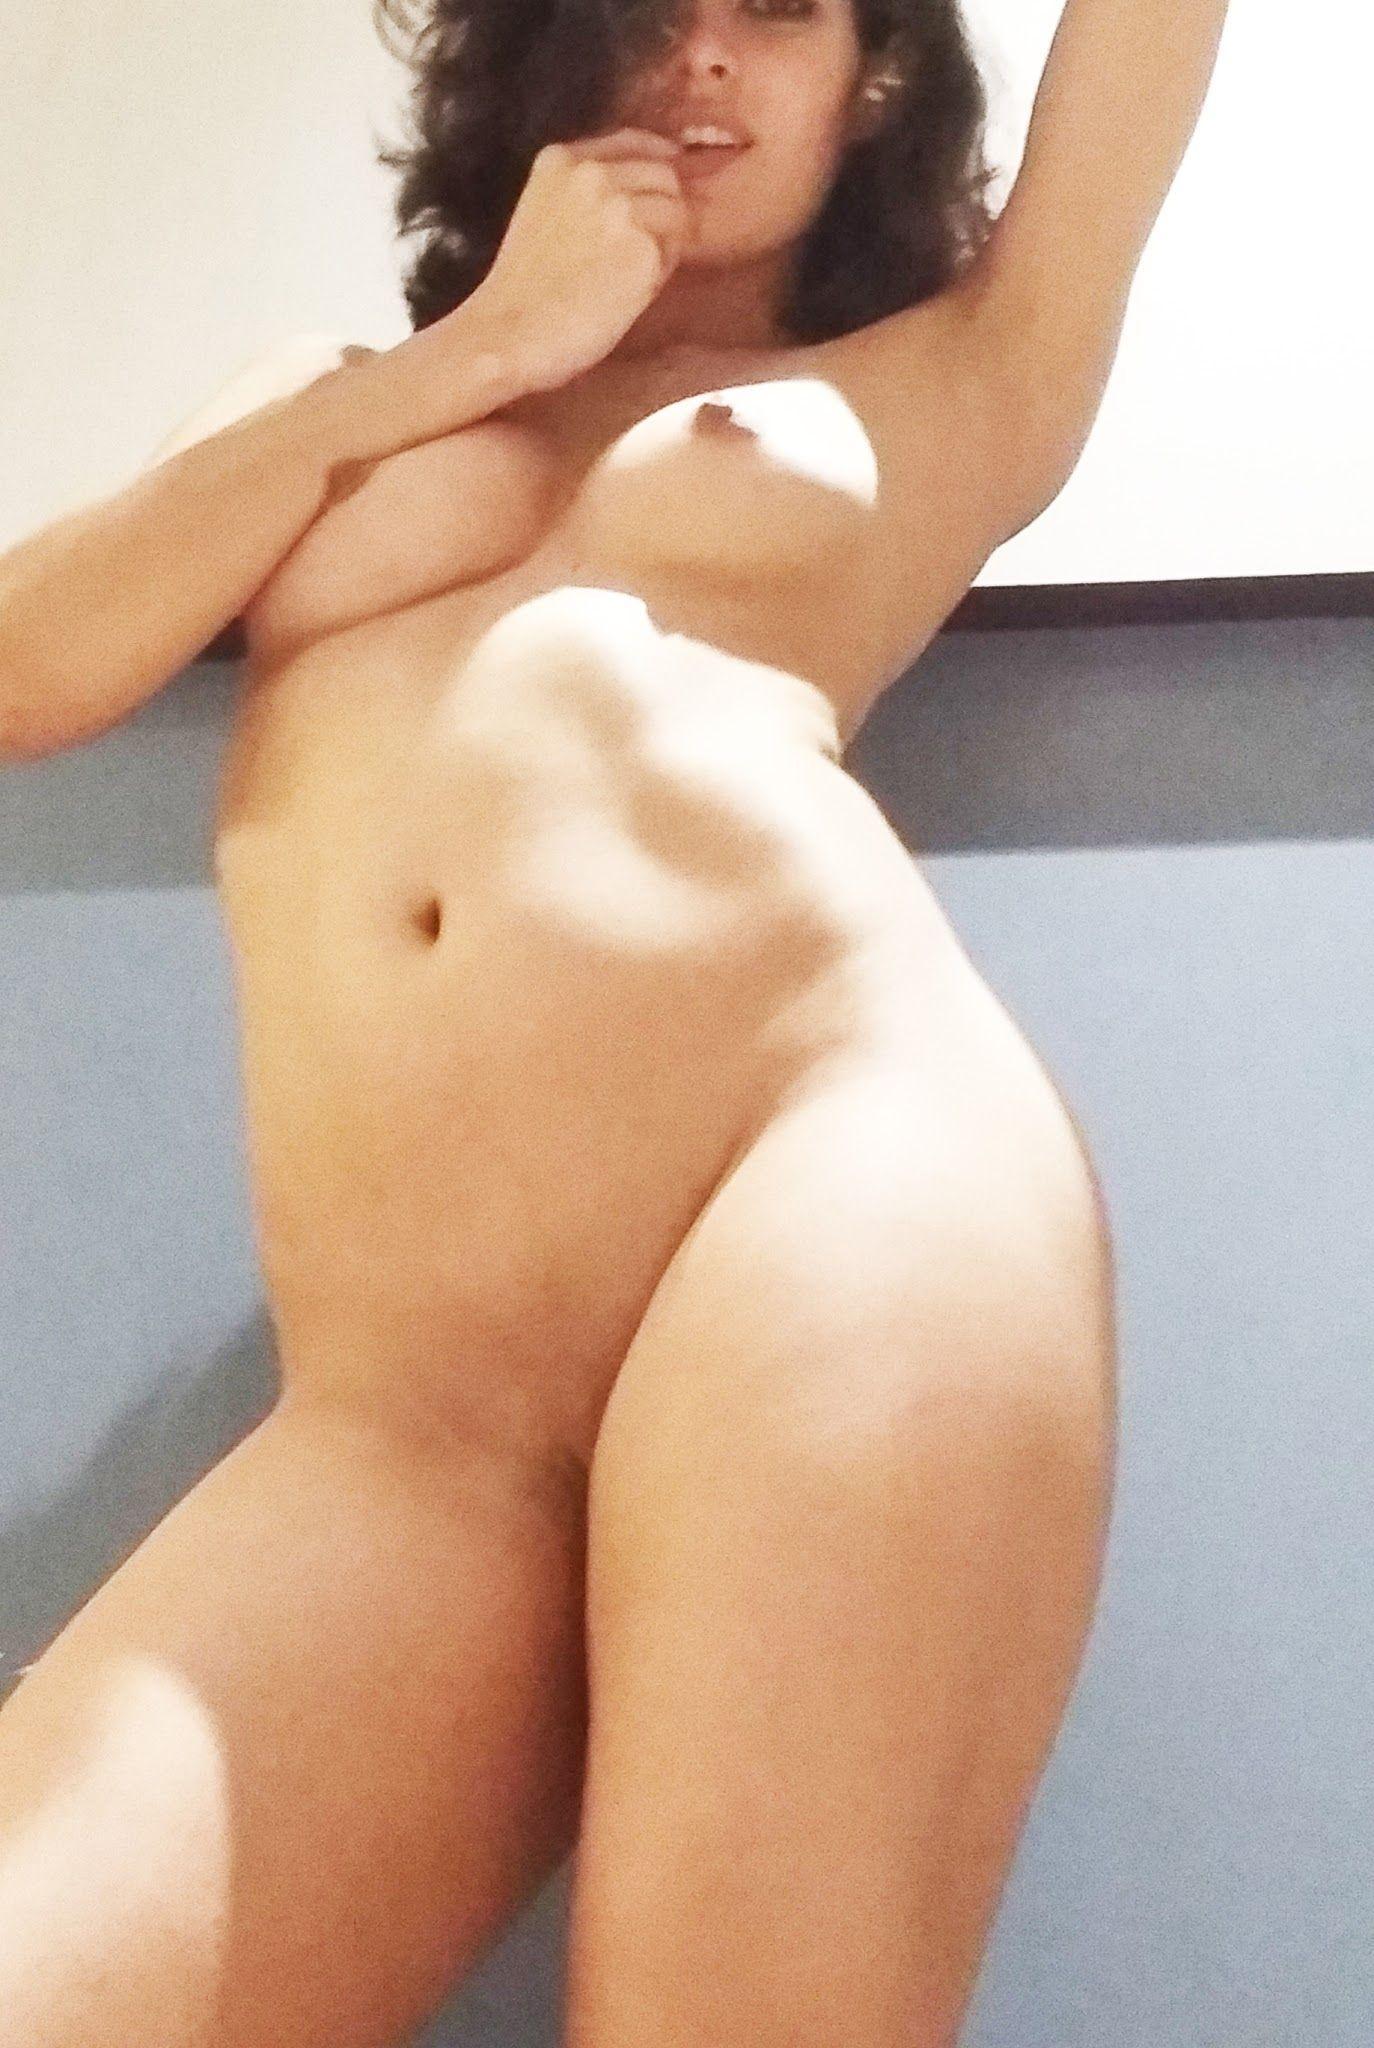 dark fat erotic pussy images